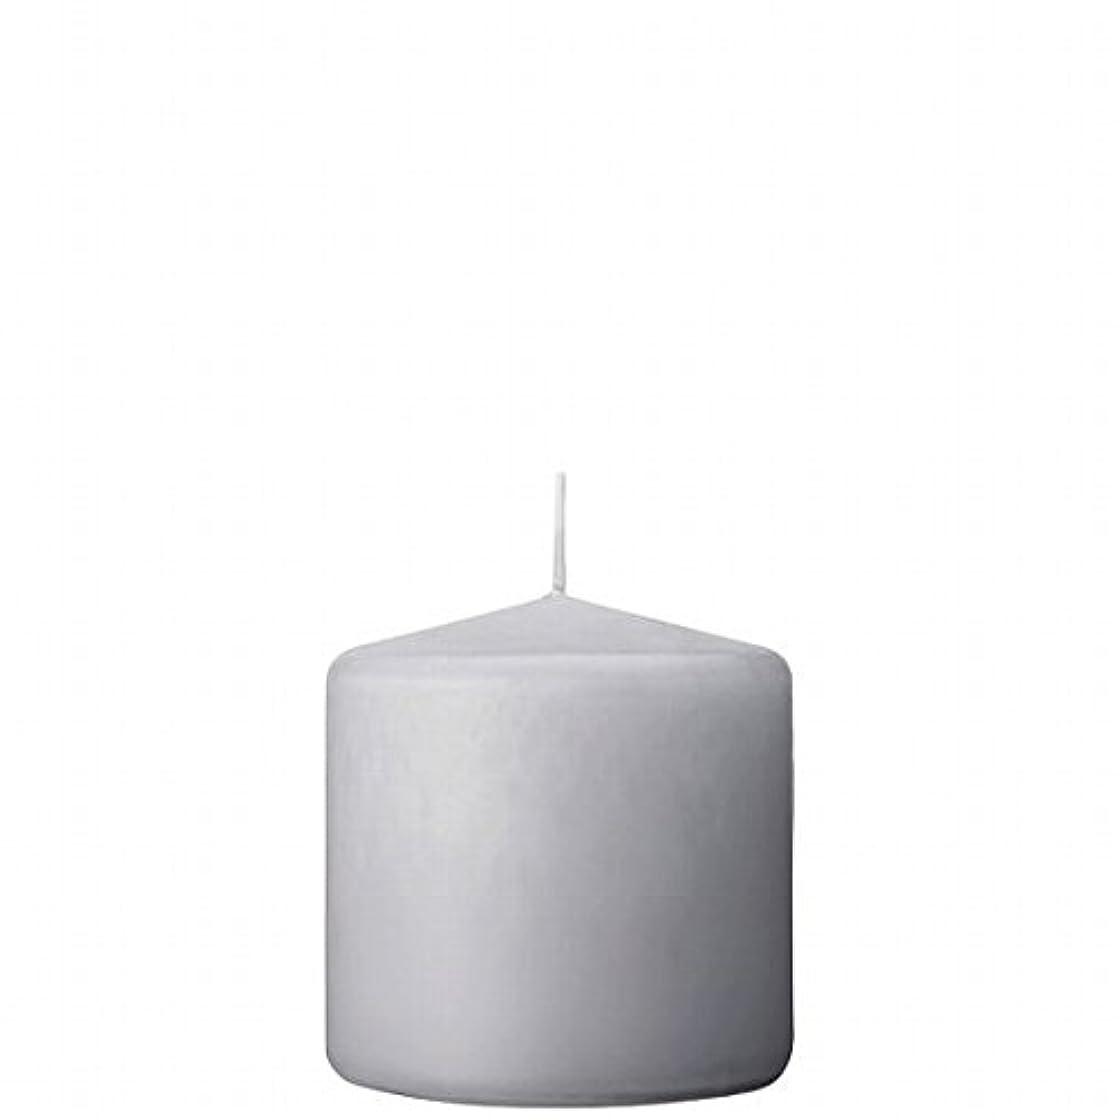 マッサージ毎回スチュワーデスカメヤマキャンドル(kameyama candle) 3×3ベルトップピラーキャンドル 「 ライトグレー 」